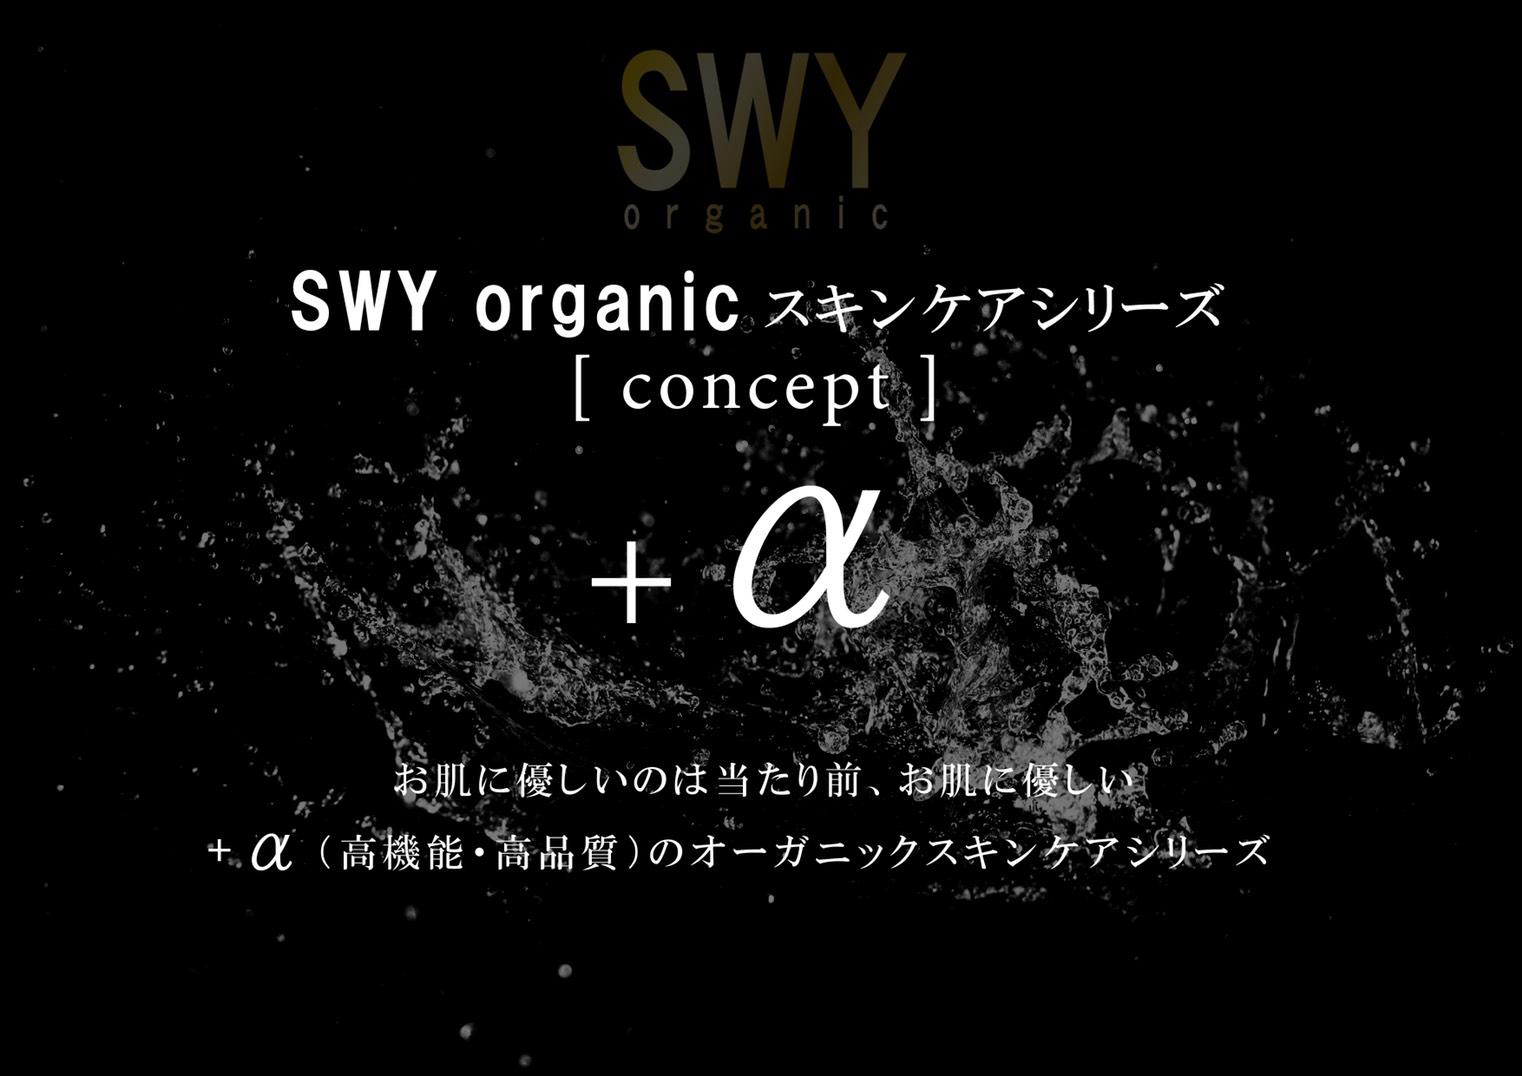 SWY organic スキンケアシリーズ